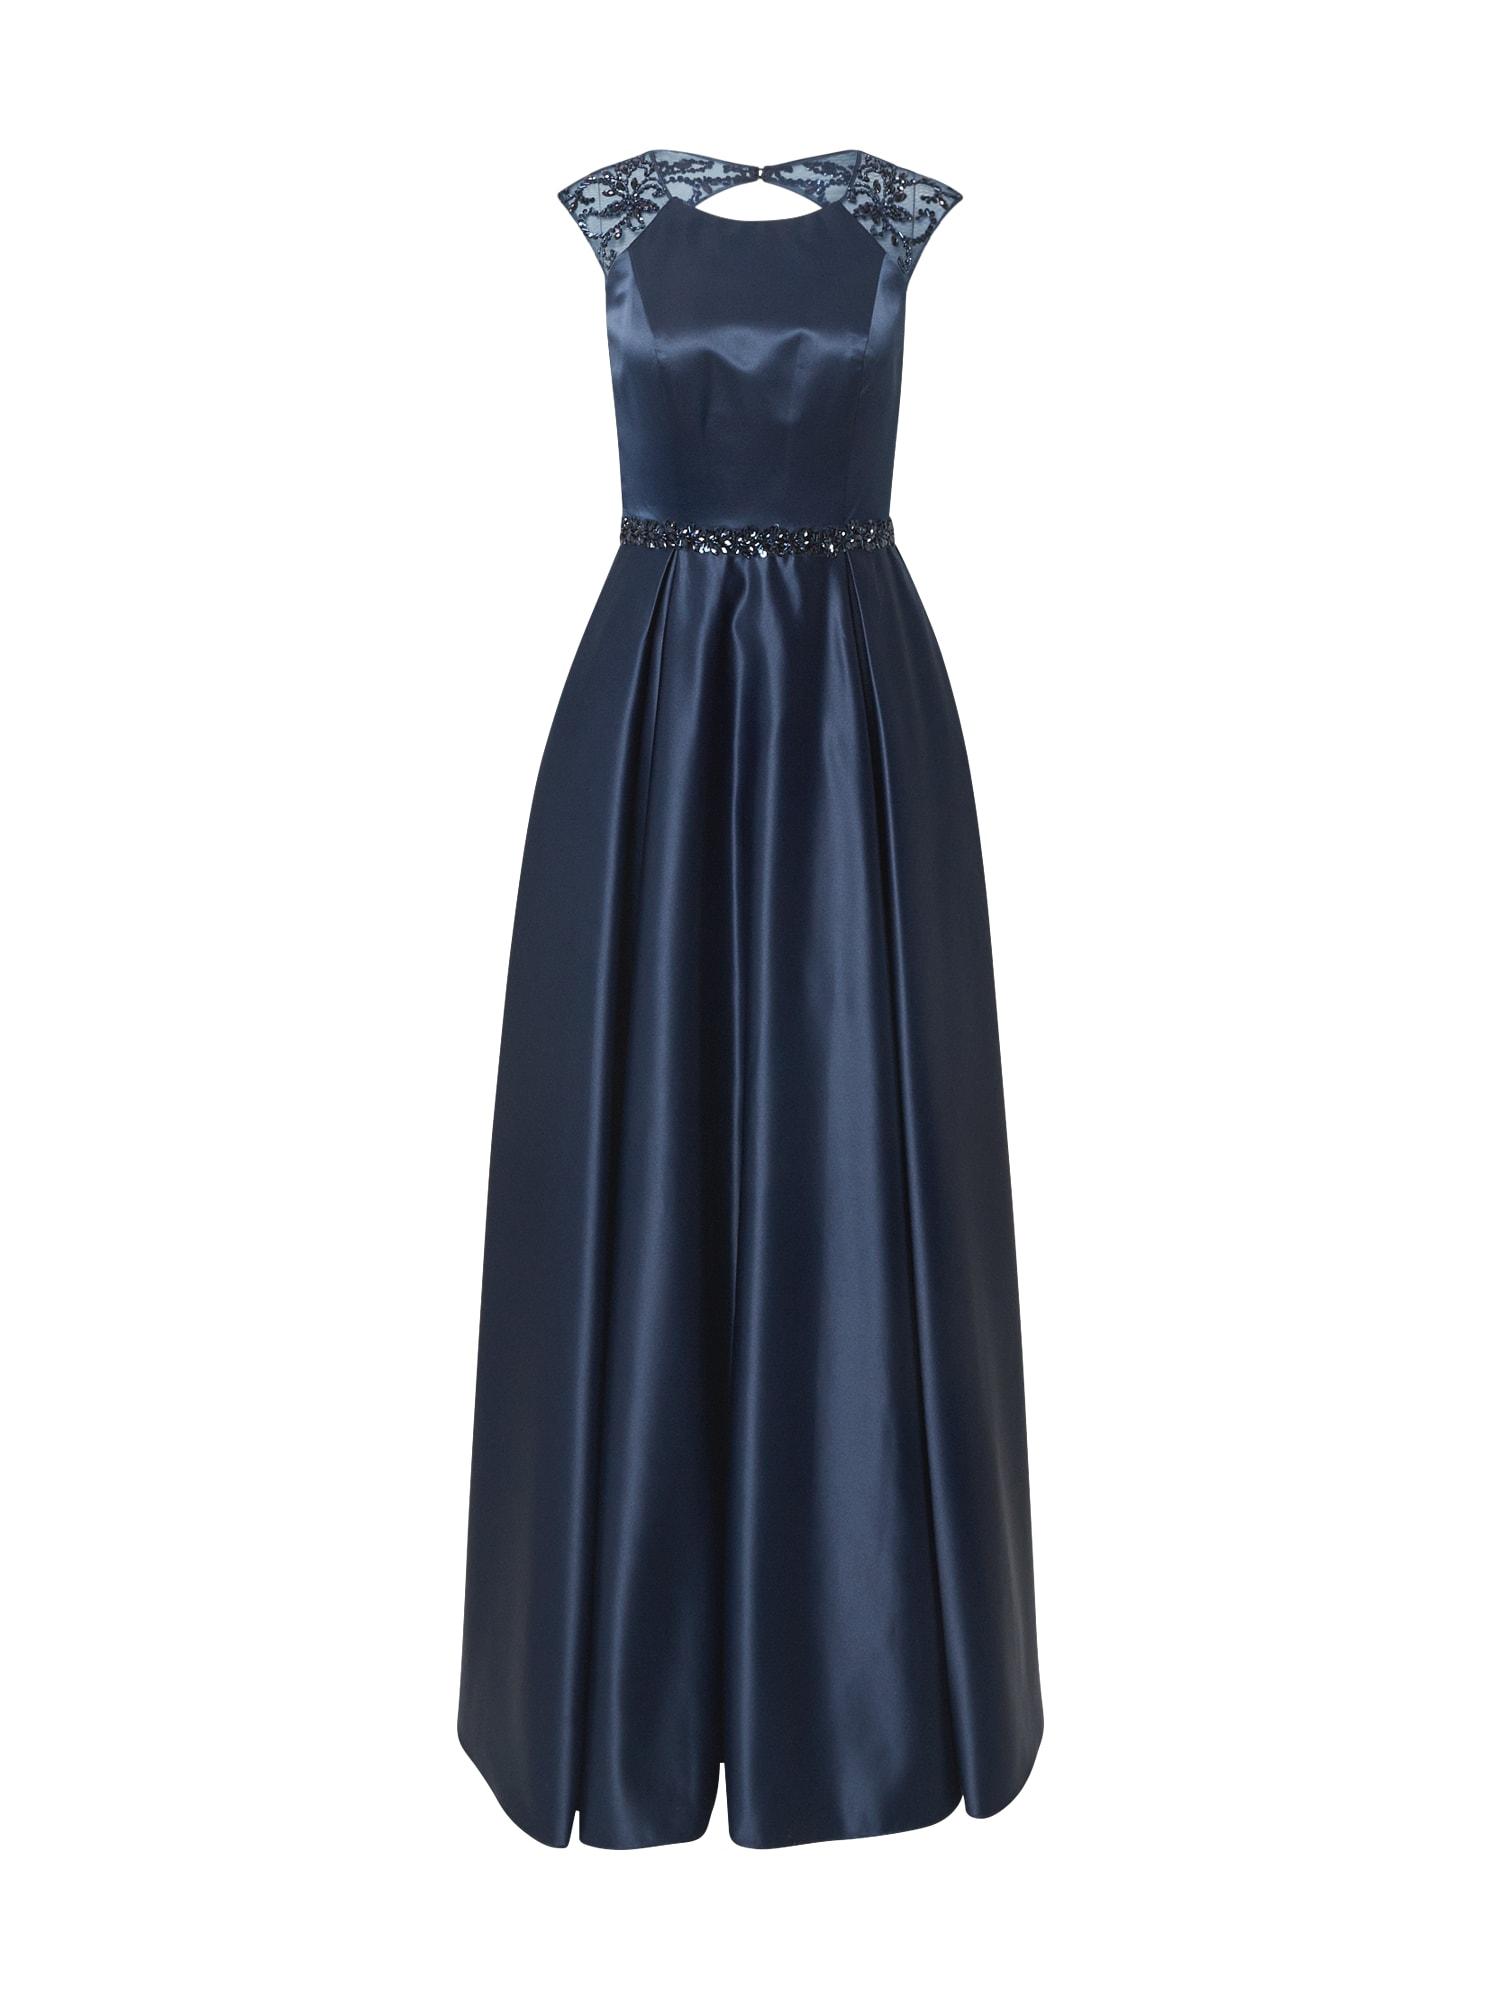 Unique Vakarinė suknelė tamsiai mėlyna jūros spalva